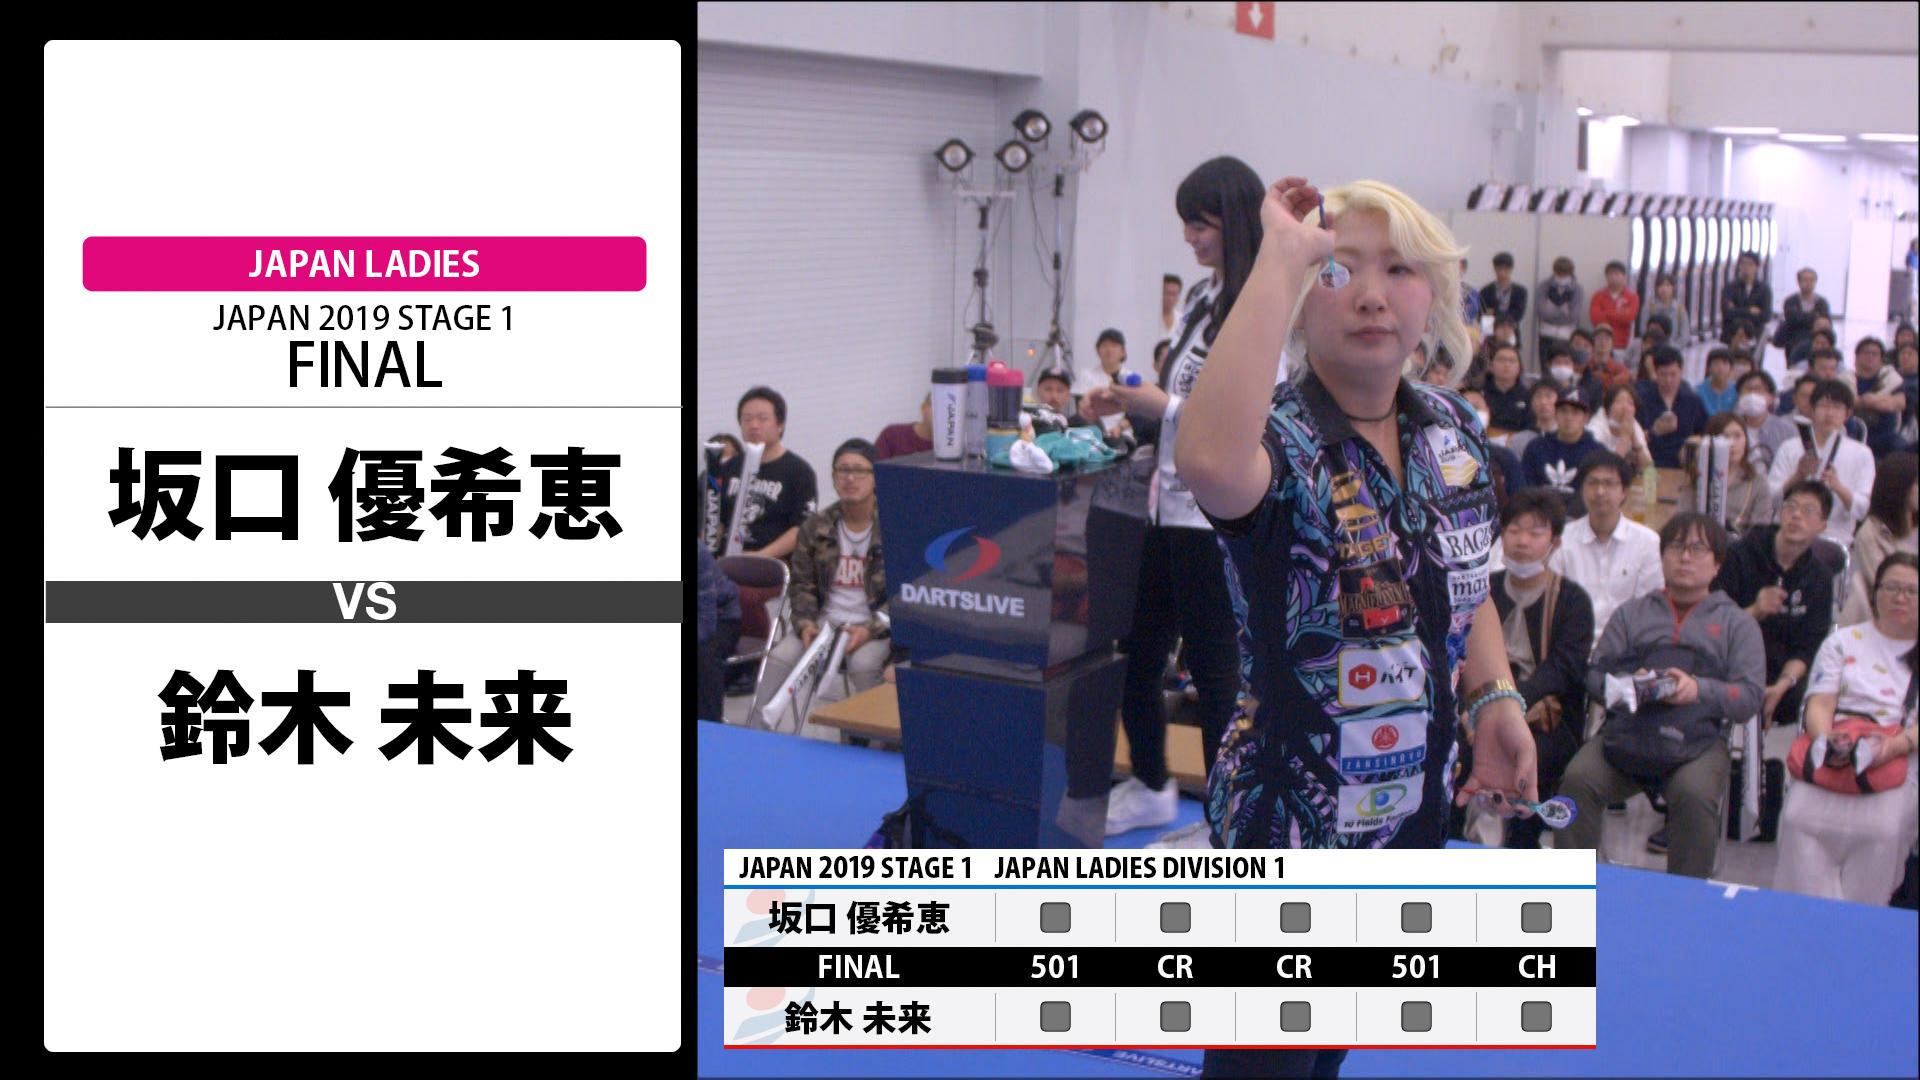 19st1 la final